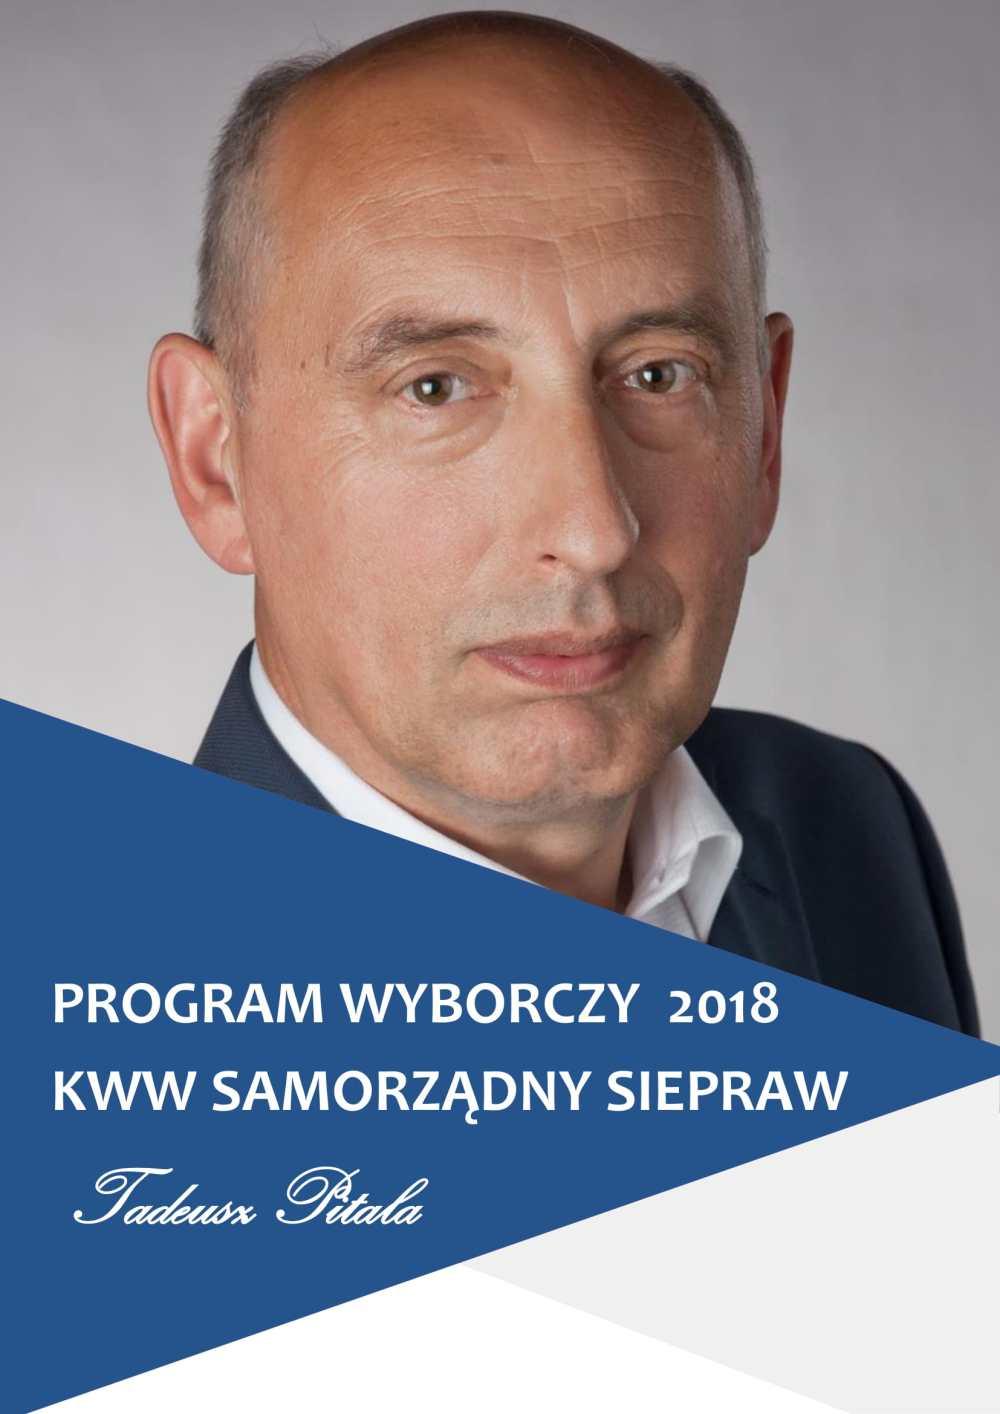 PROGRAM-WYBORCZY-KWW-SAMORZĄDNY-SIEPRAW-01